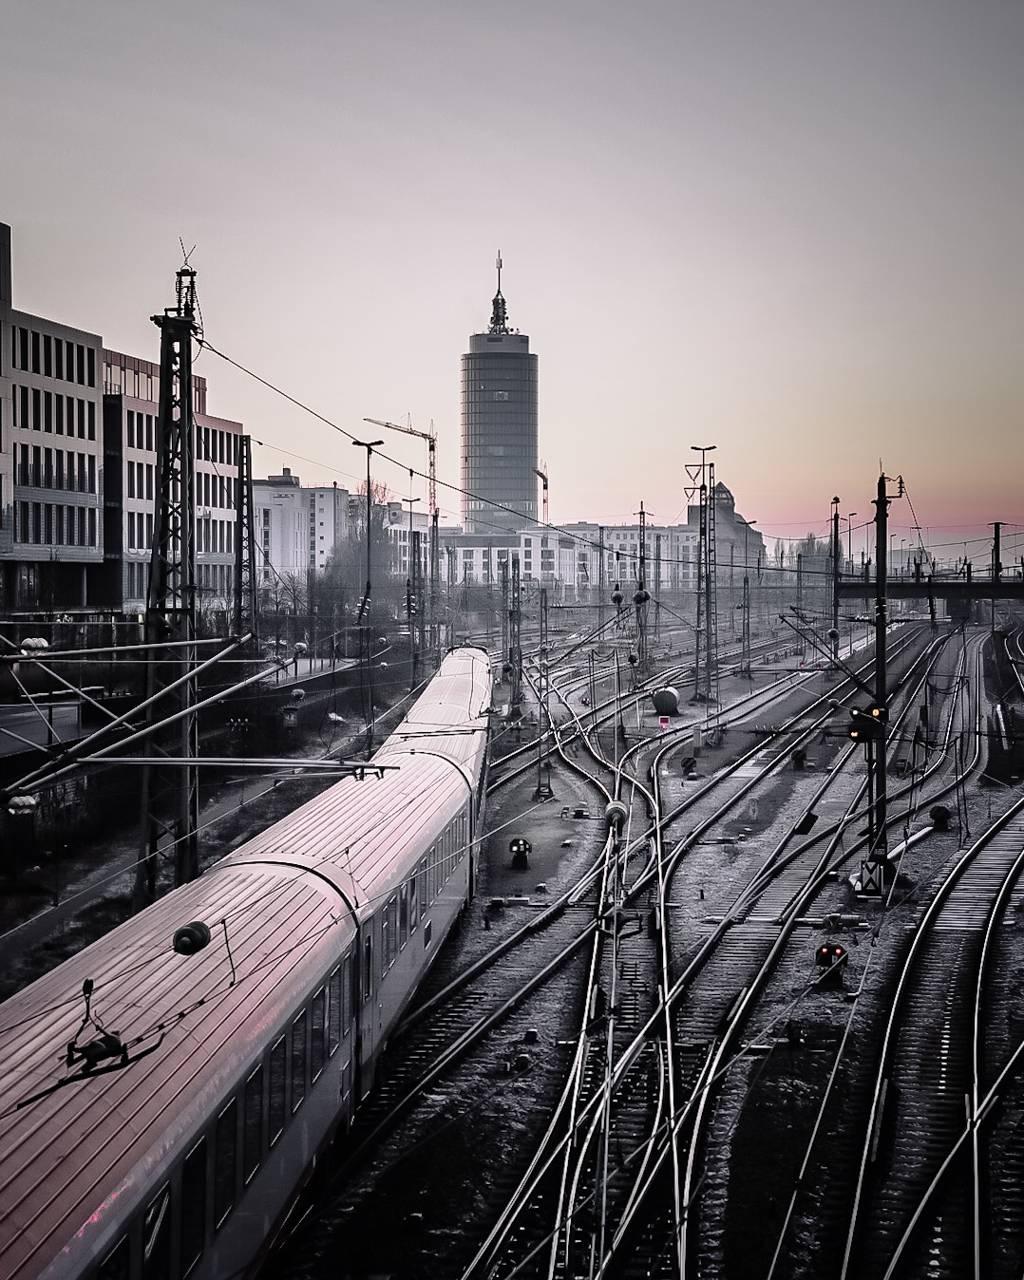 Munich railway